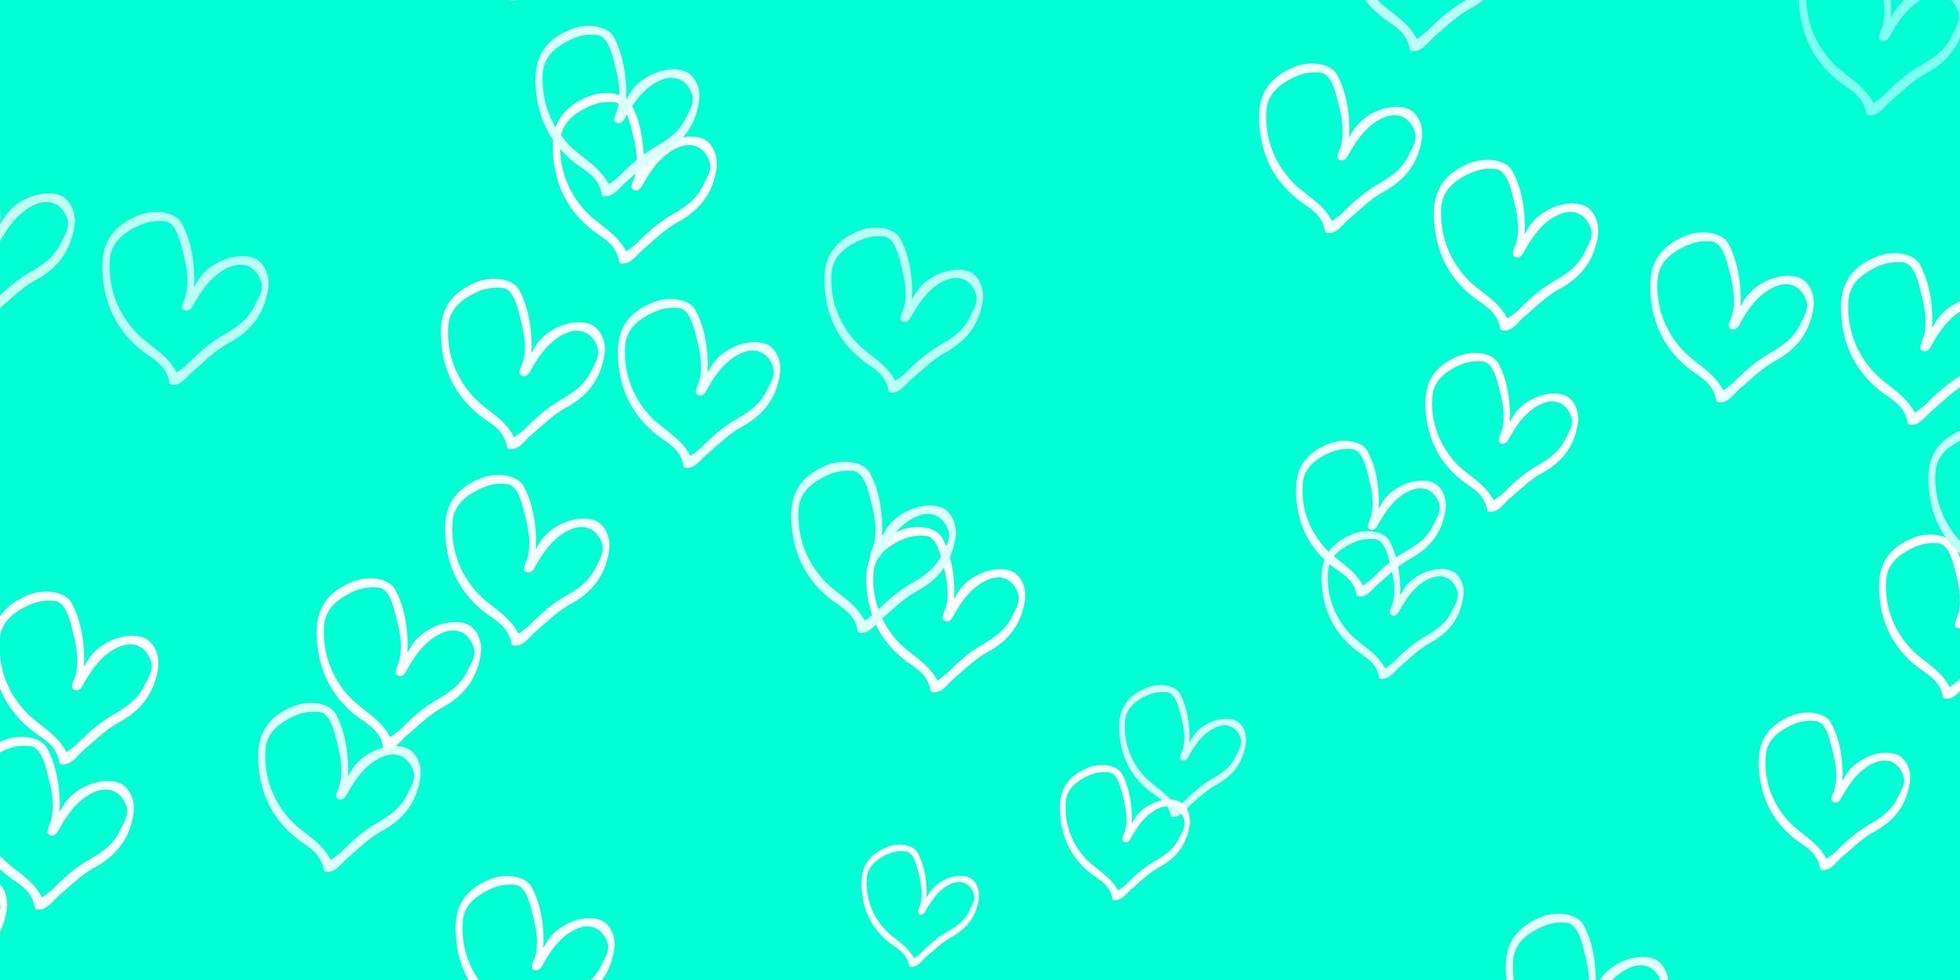 textura de vector verde claro con corazones encantadores.